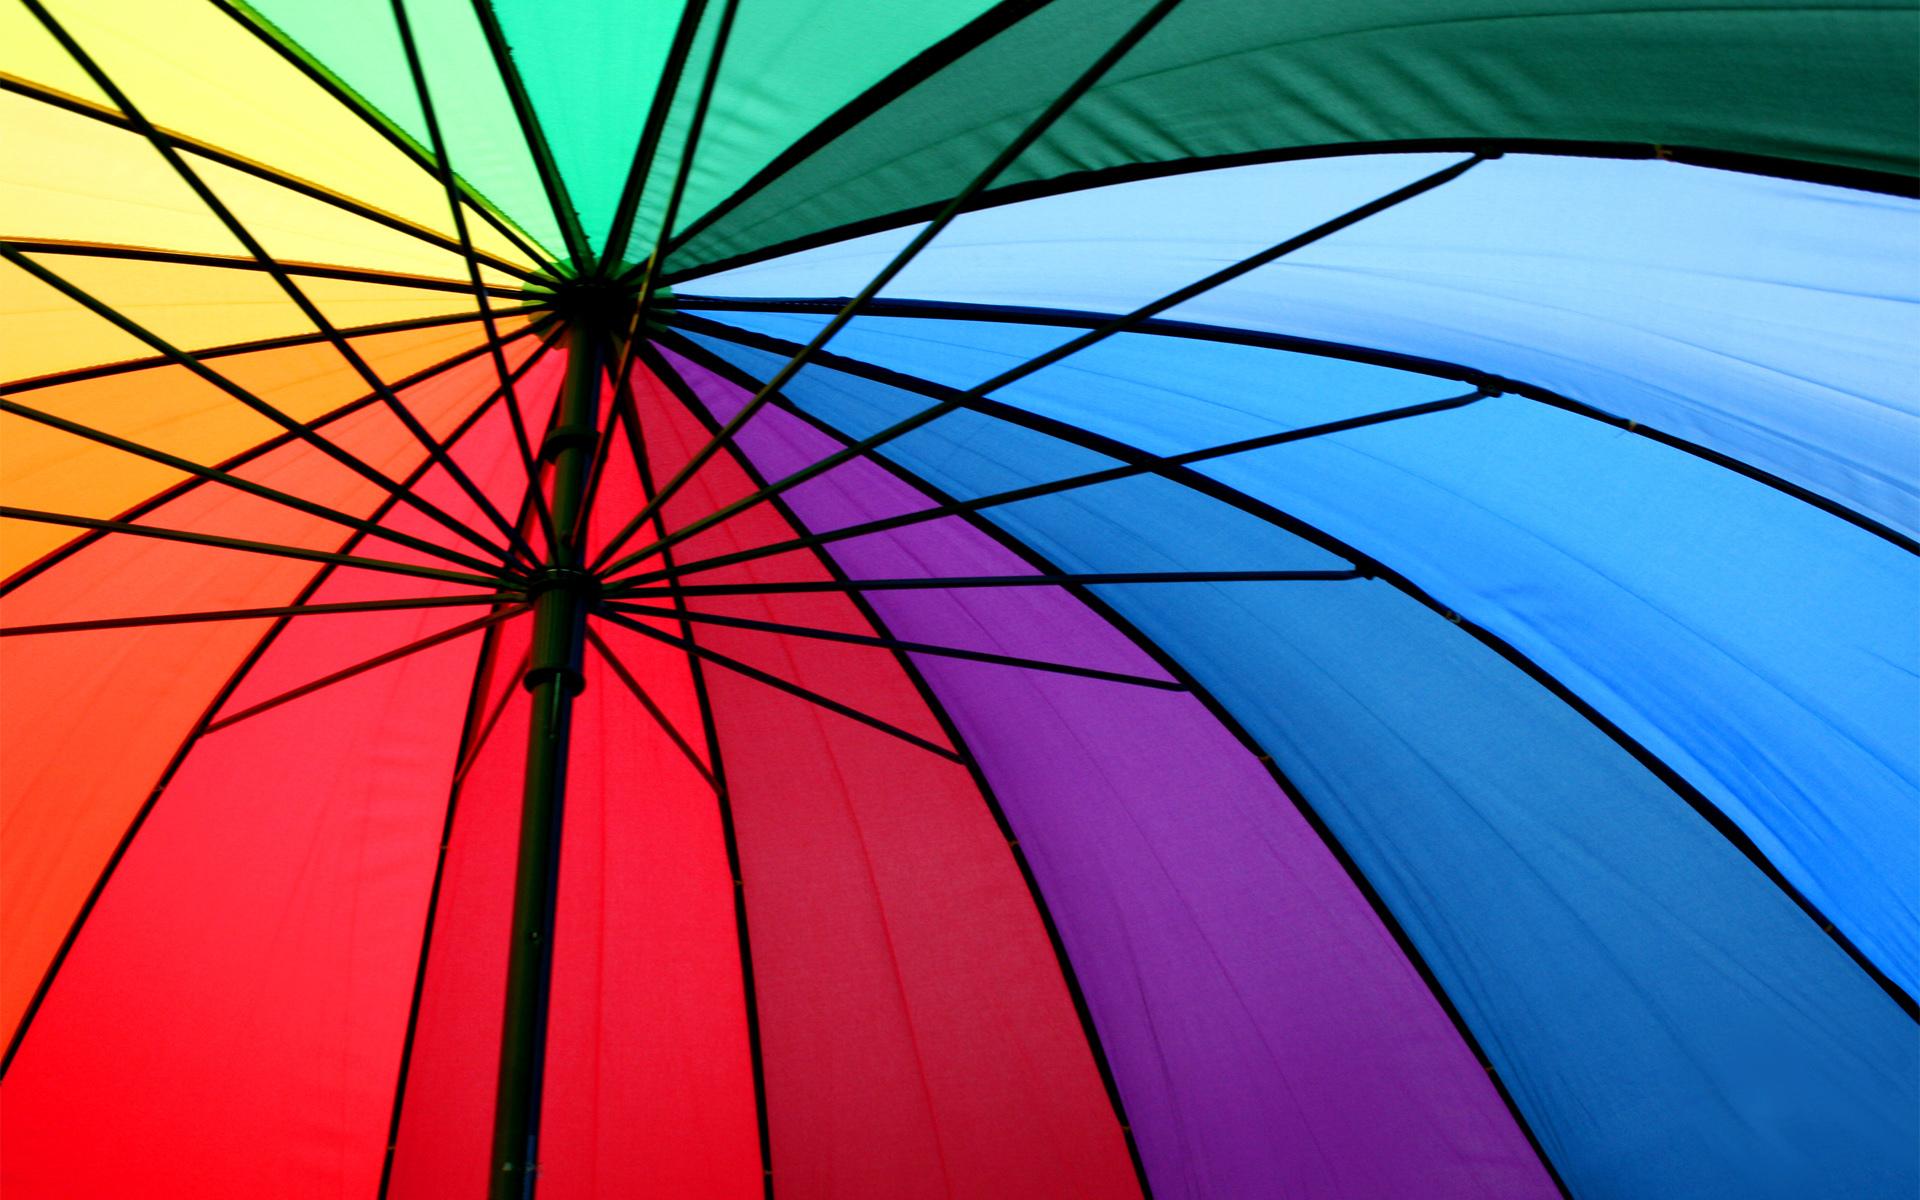 Umbrella Computer Wallpapers Desktop Backgrounds